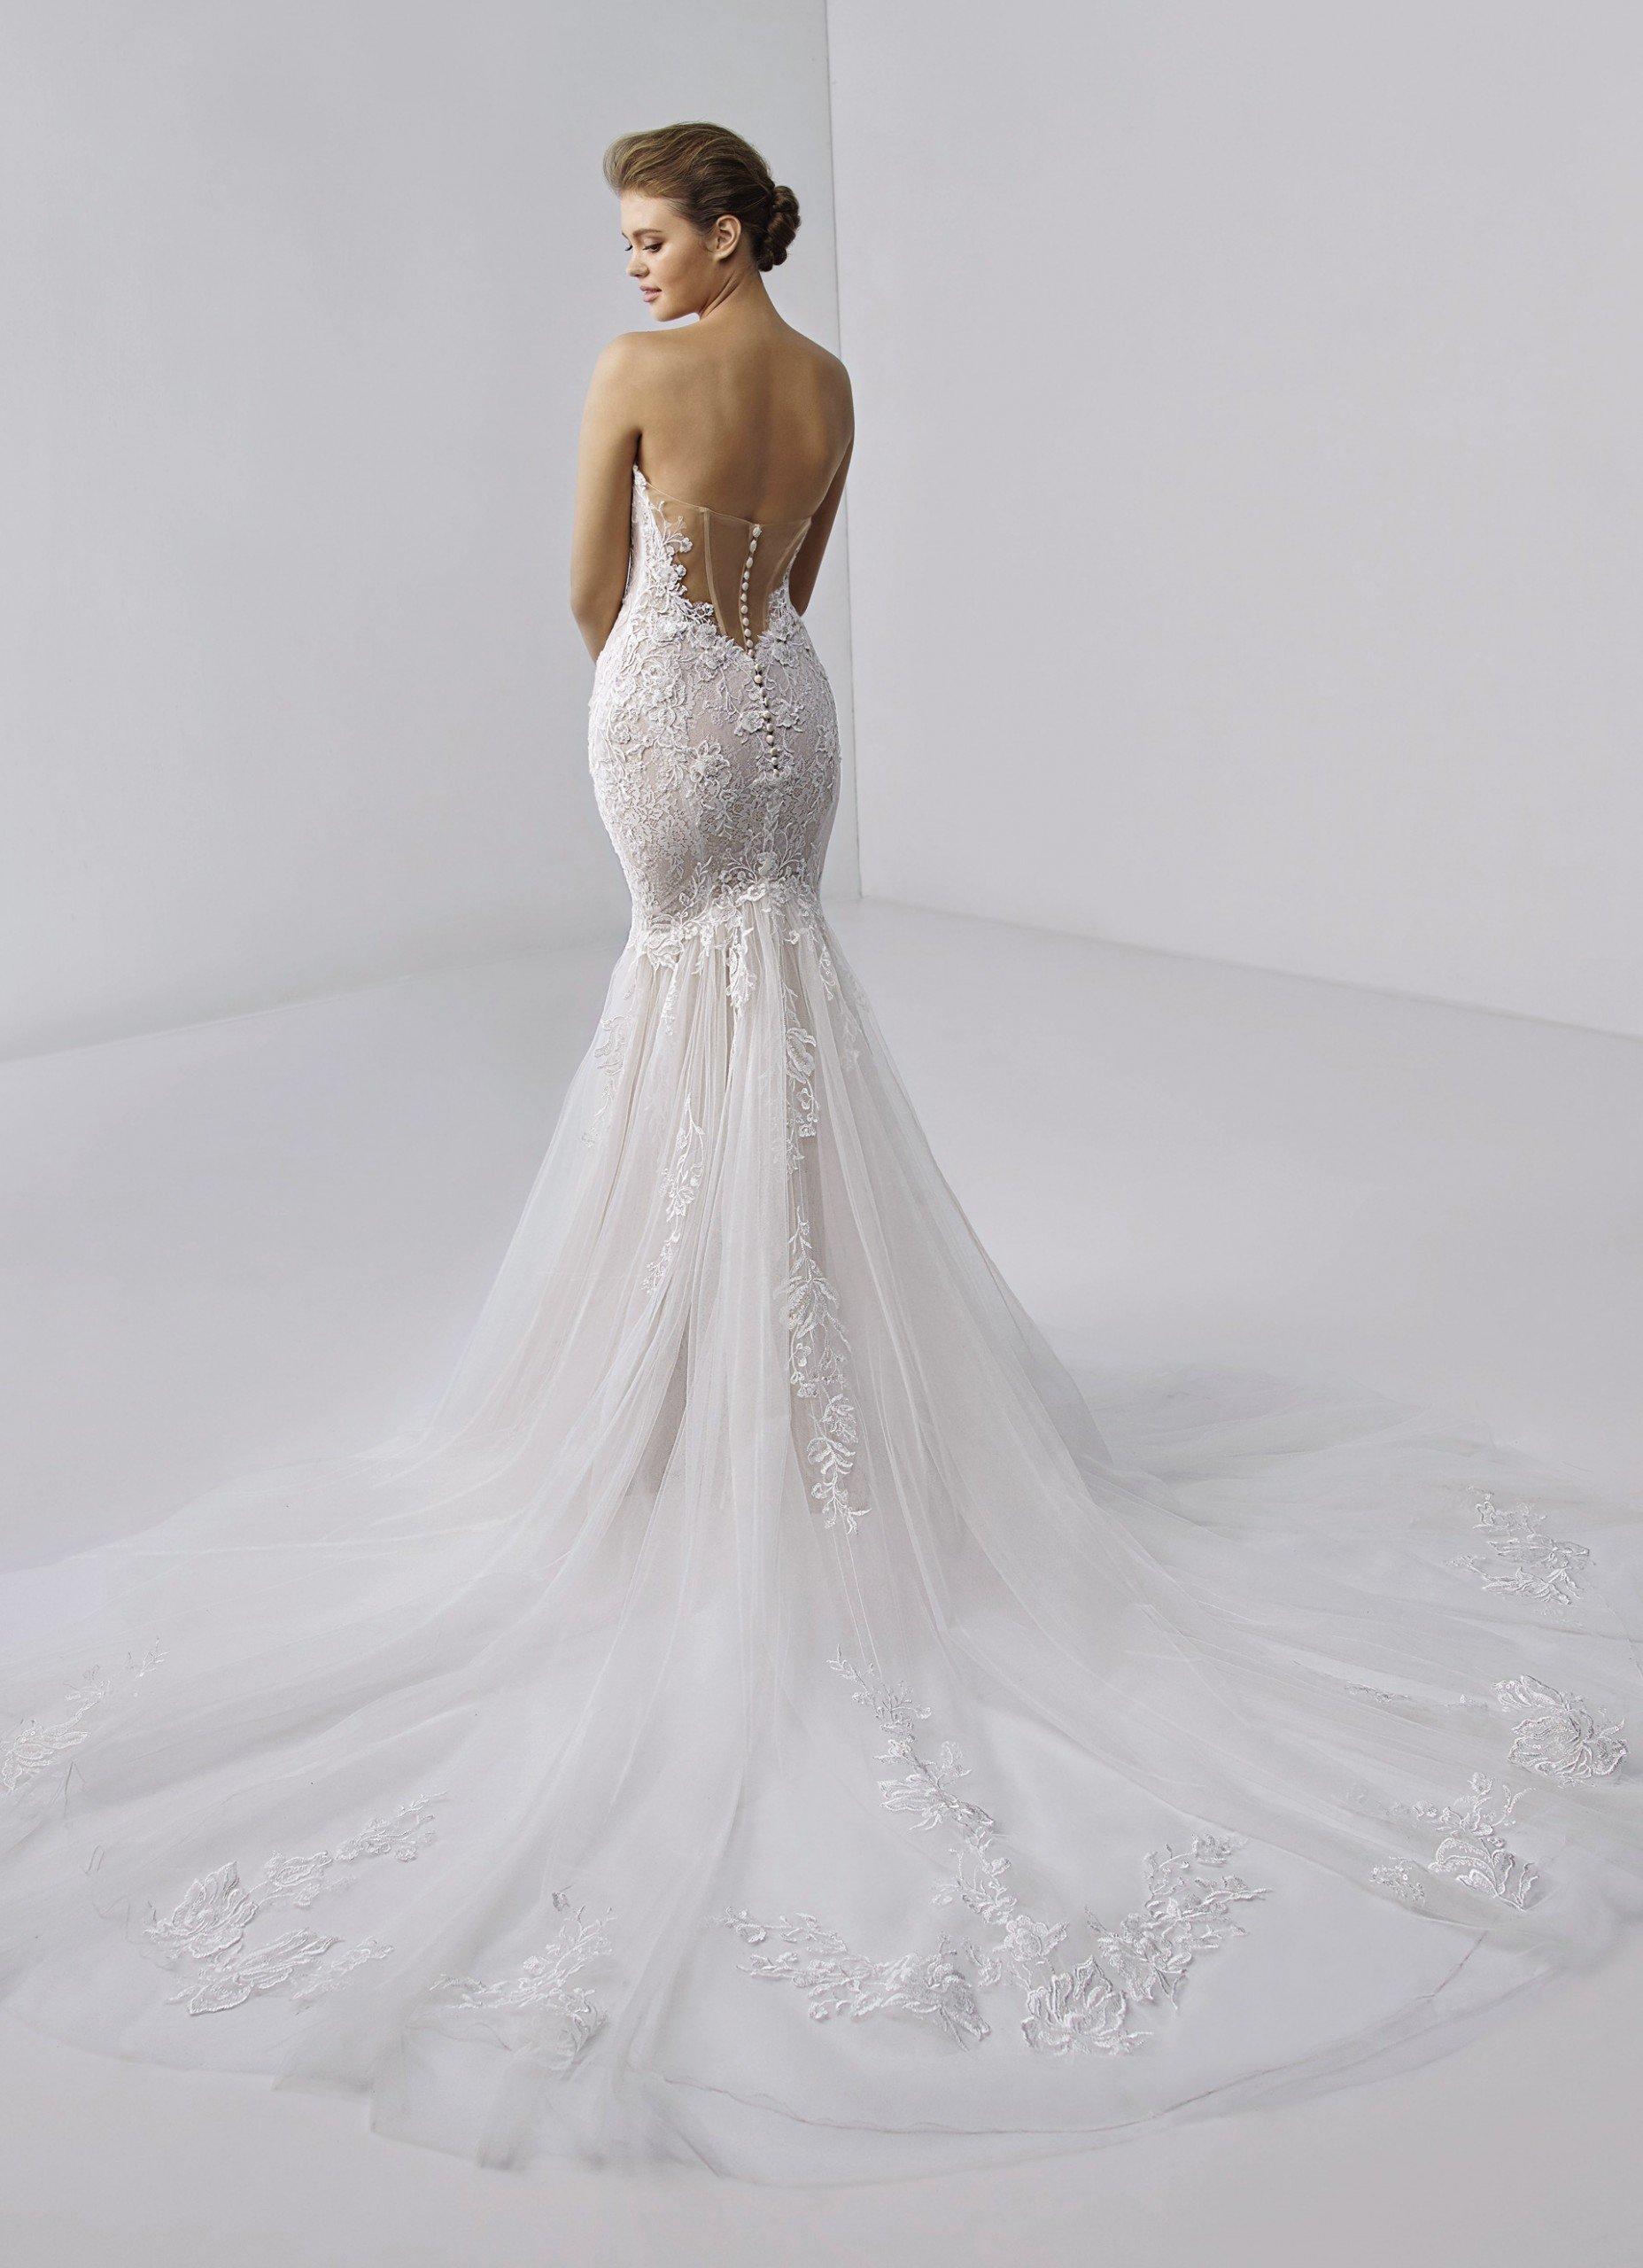 Fit-and-Flare-Brautkleid in Rosa mit bestickter 3D-Spitze, trägerlosem Sweetheart-Ausschnitt und Schleppe von Etoile, Modell Angelique